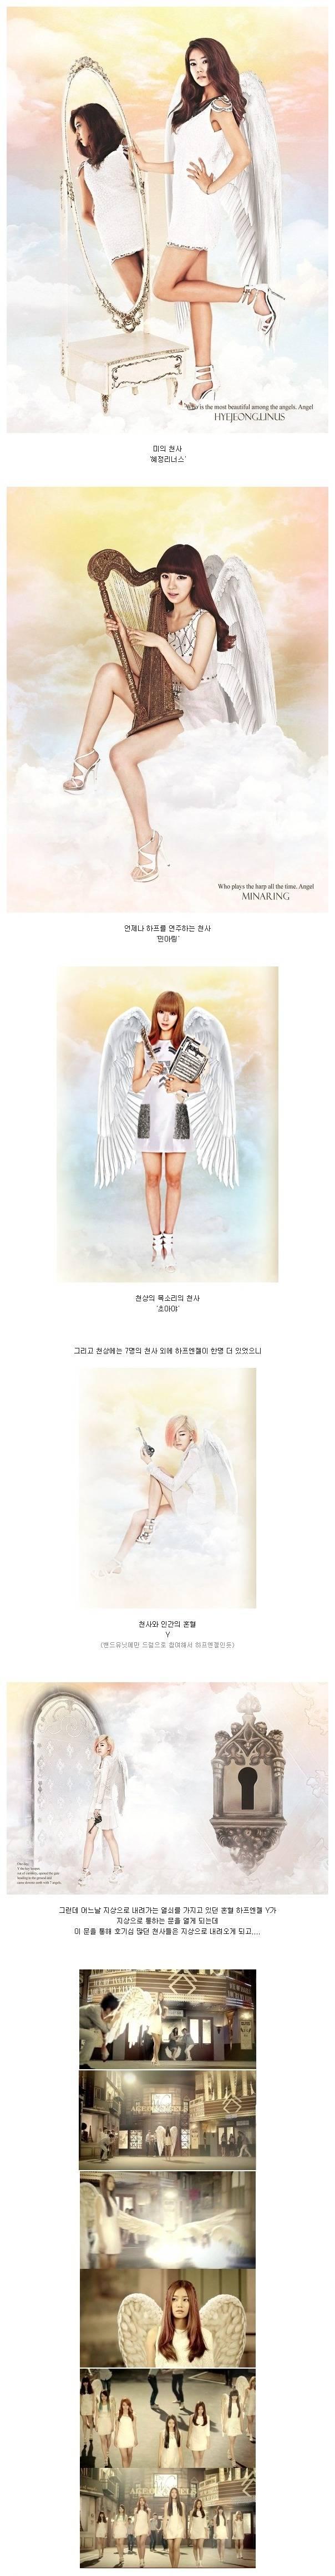 AOA 초창기 컨셉.jpg | 인스티즈